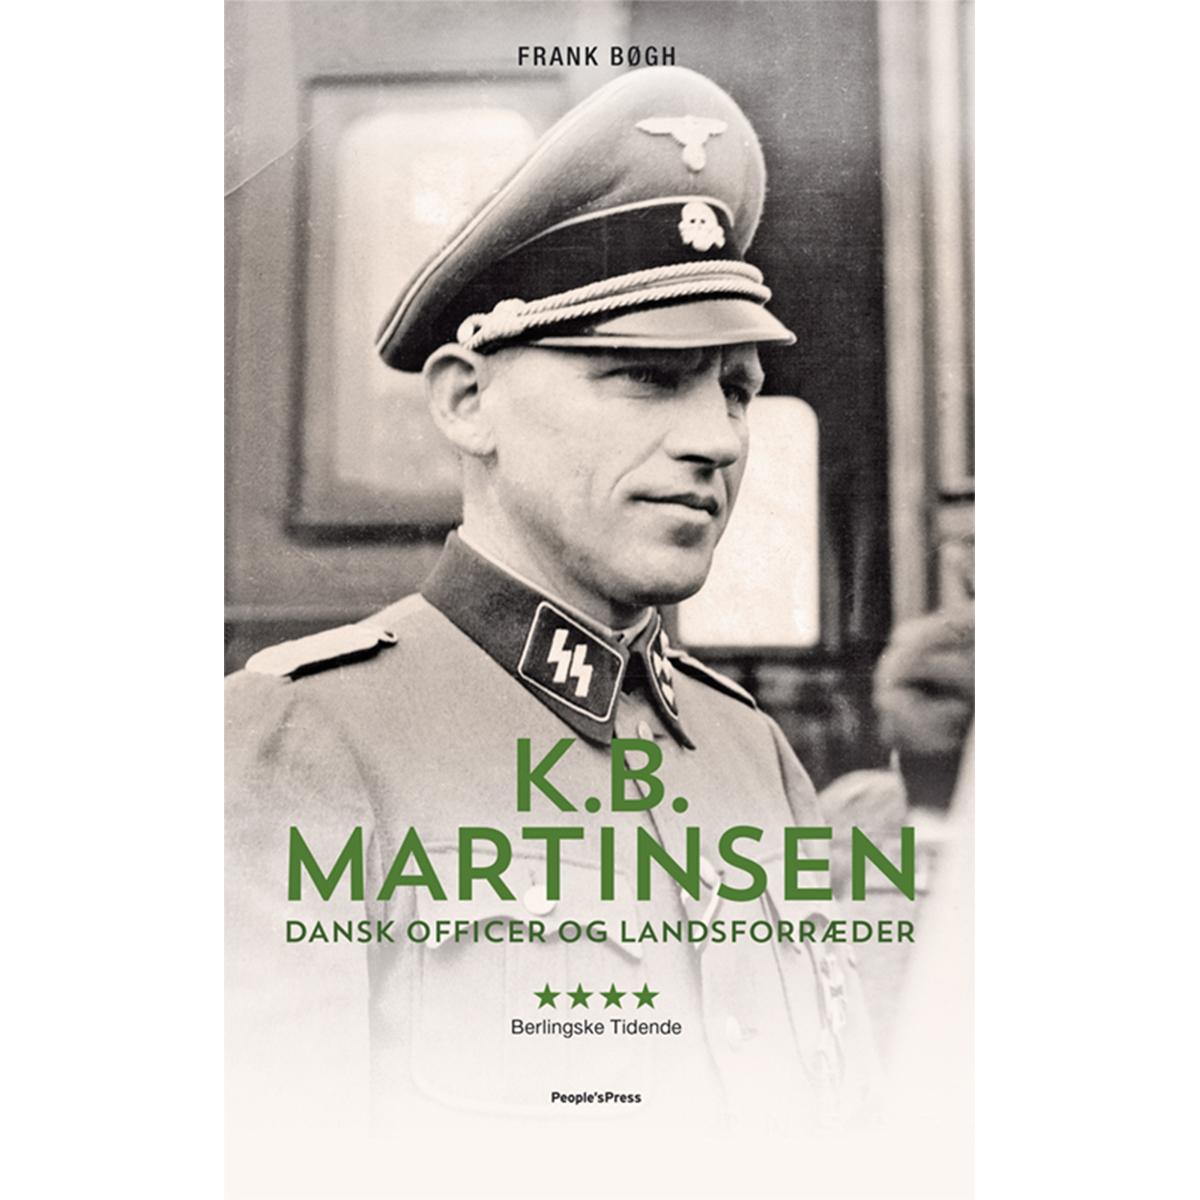 K.B. Martinsen - dansk officer og landsforræder - Paperback